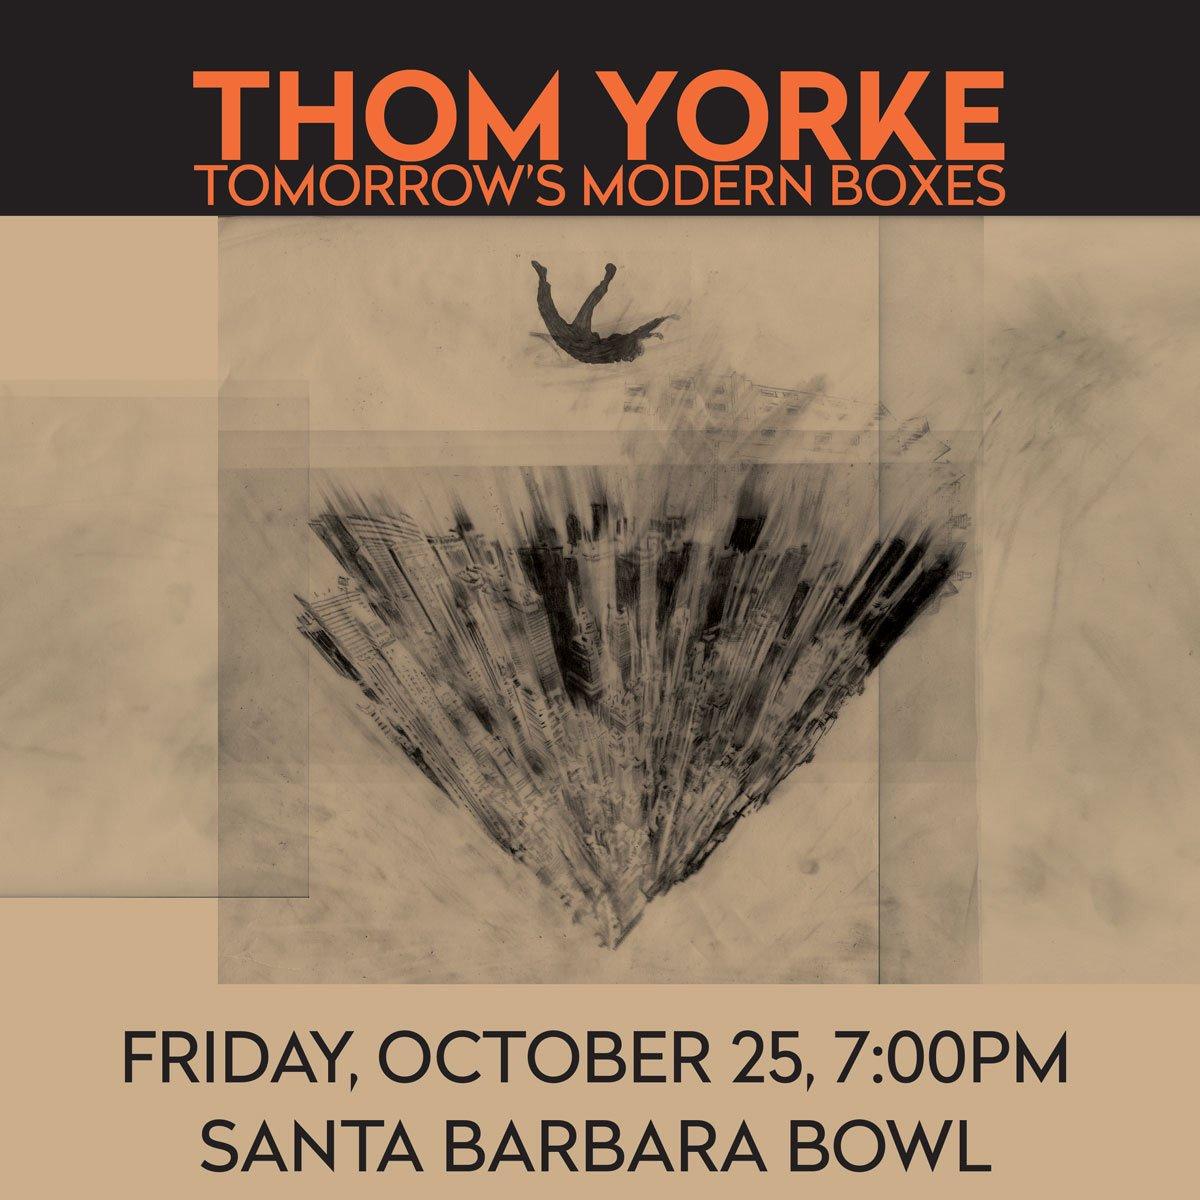 Santa Barbara Bowl, California [Thom Yorke]